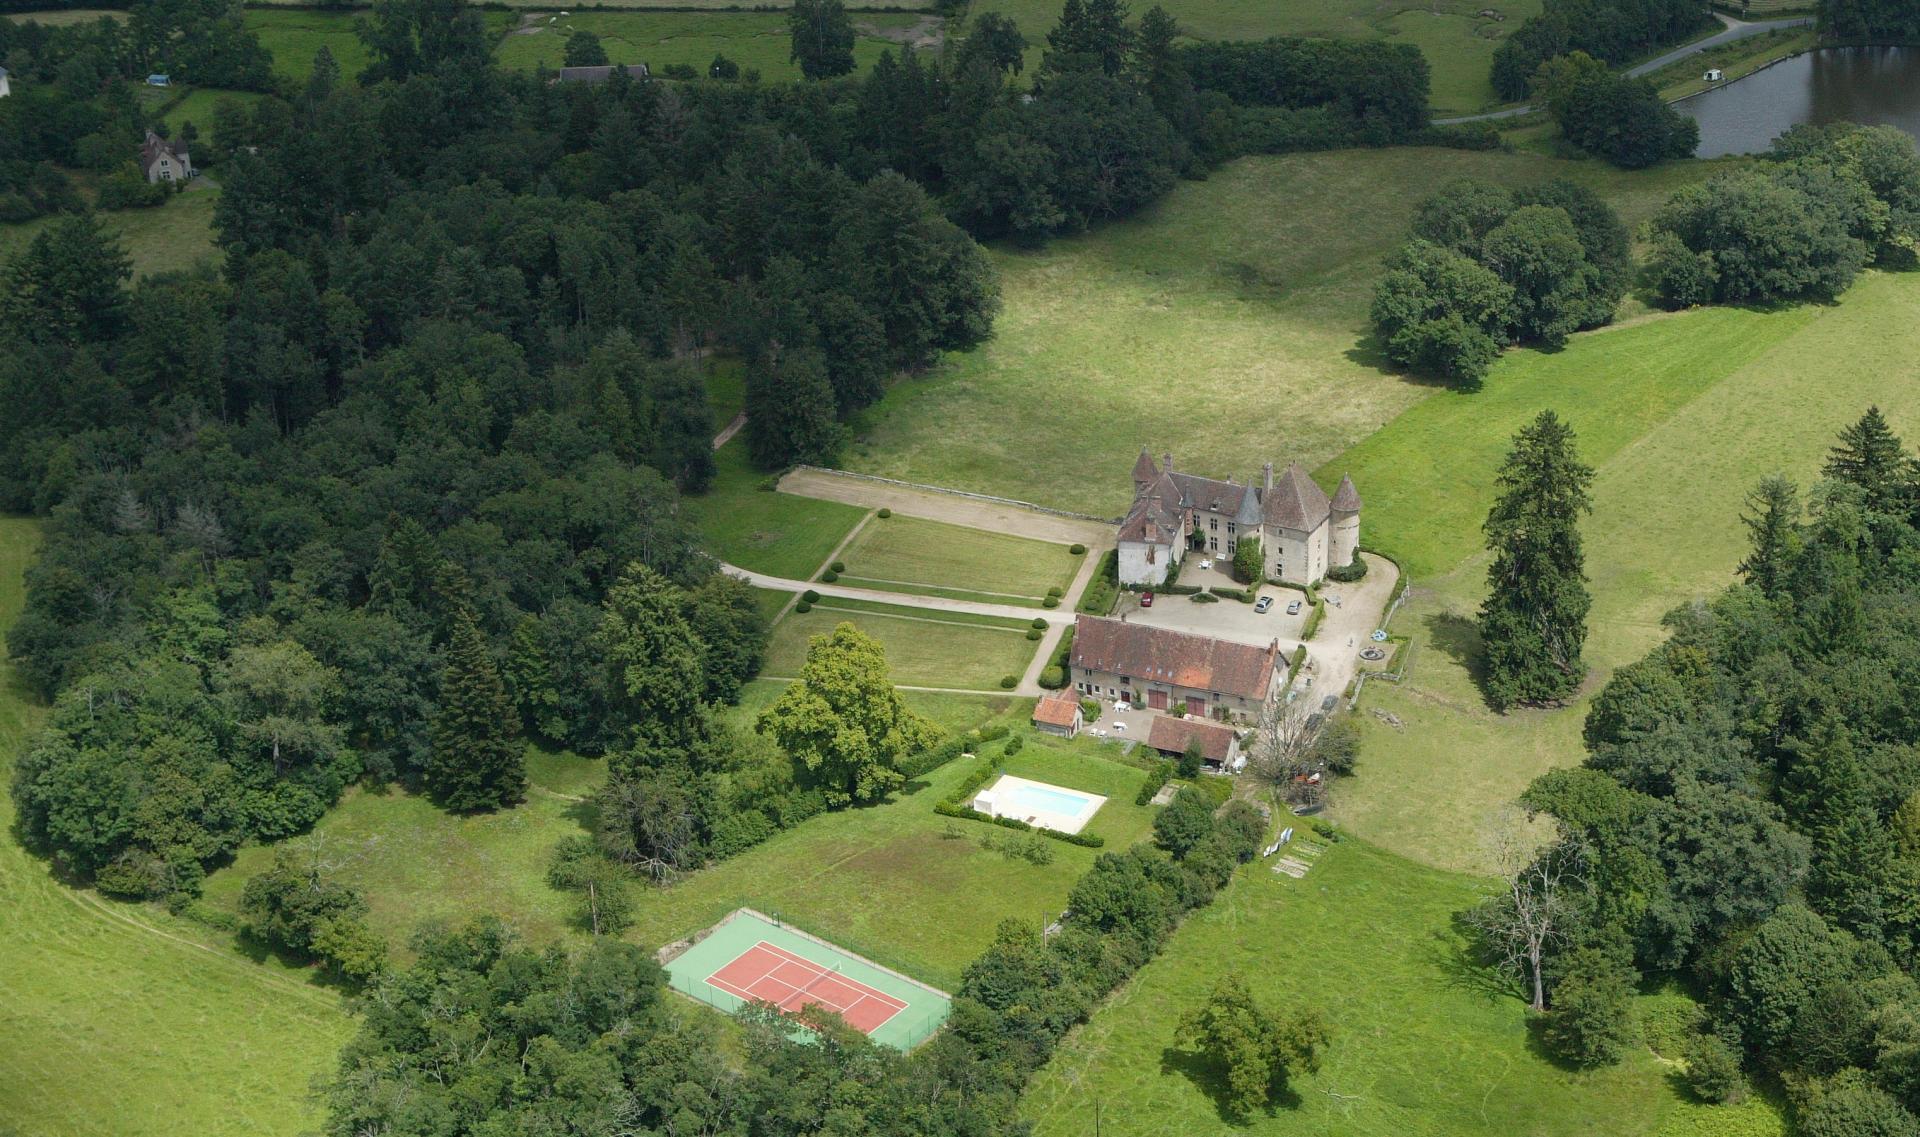 Tourisme rural Bourgogne – Tourisme vert et gites en Bourgogne